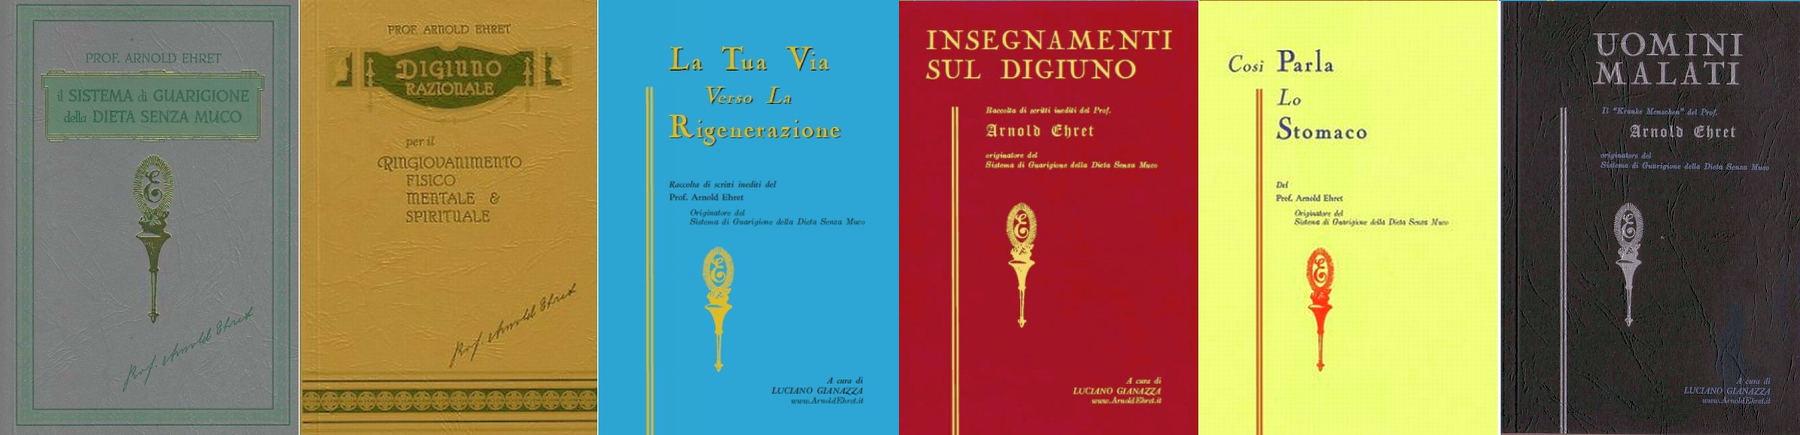 L'Opera completa di Arnold Ehret: sei libri